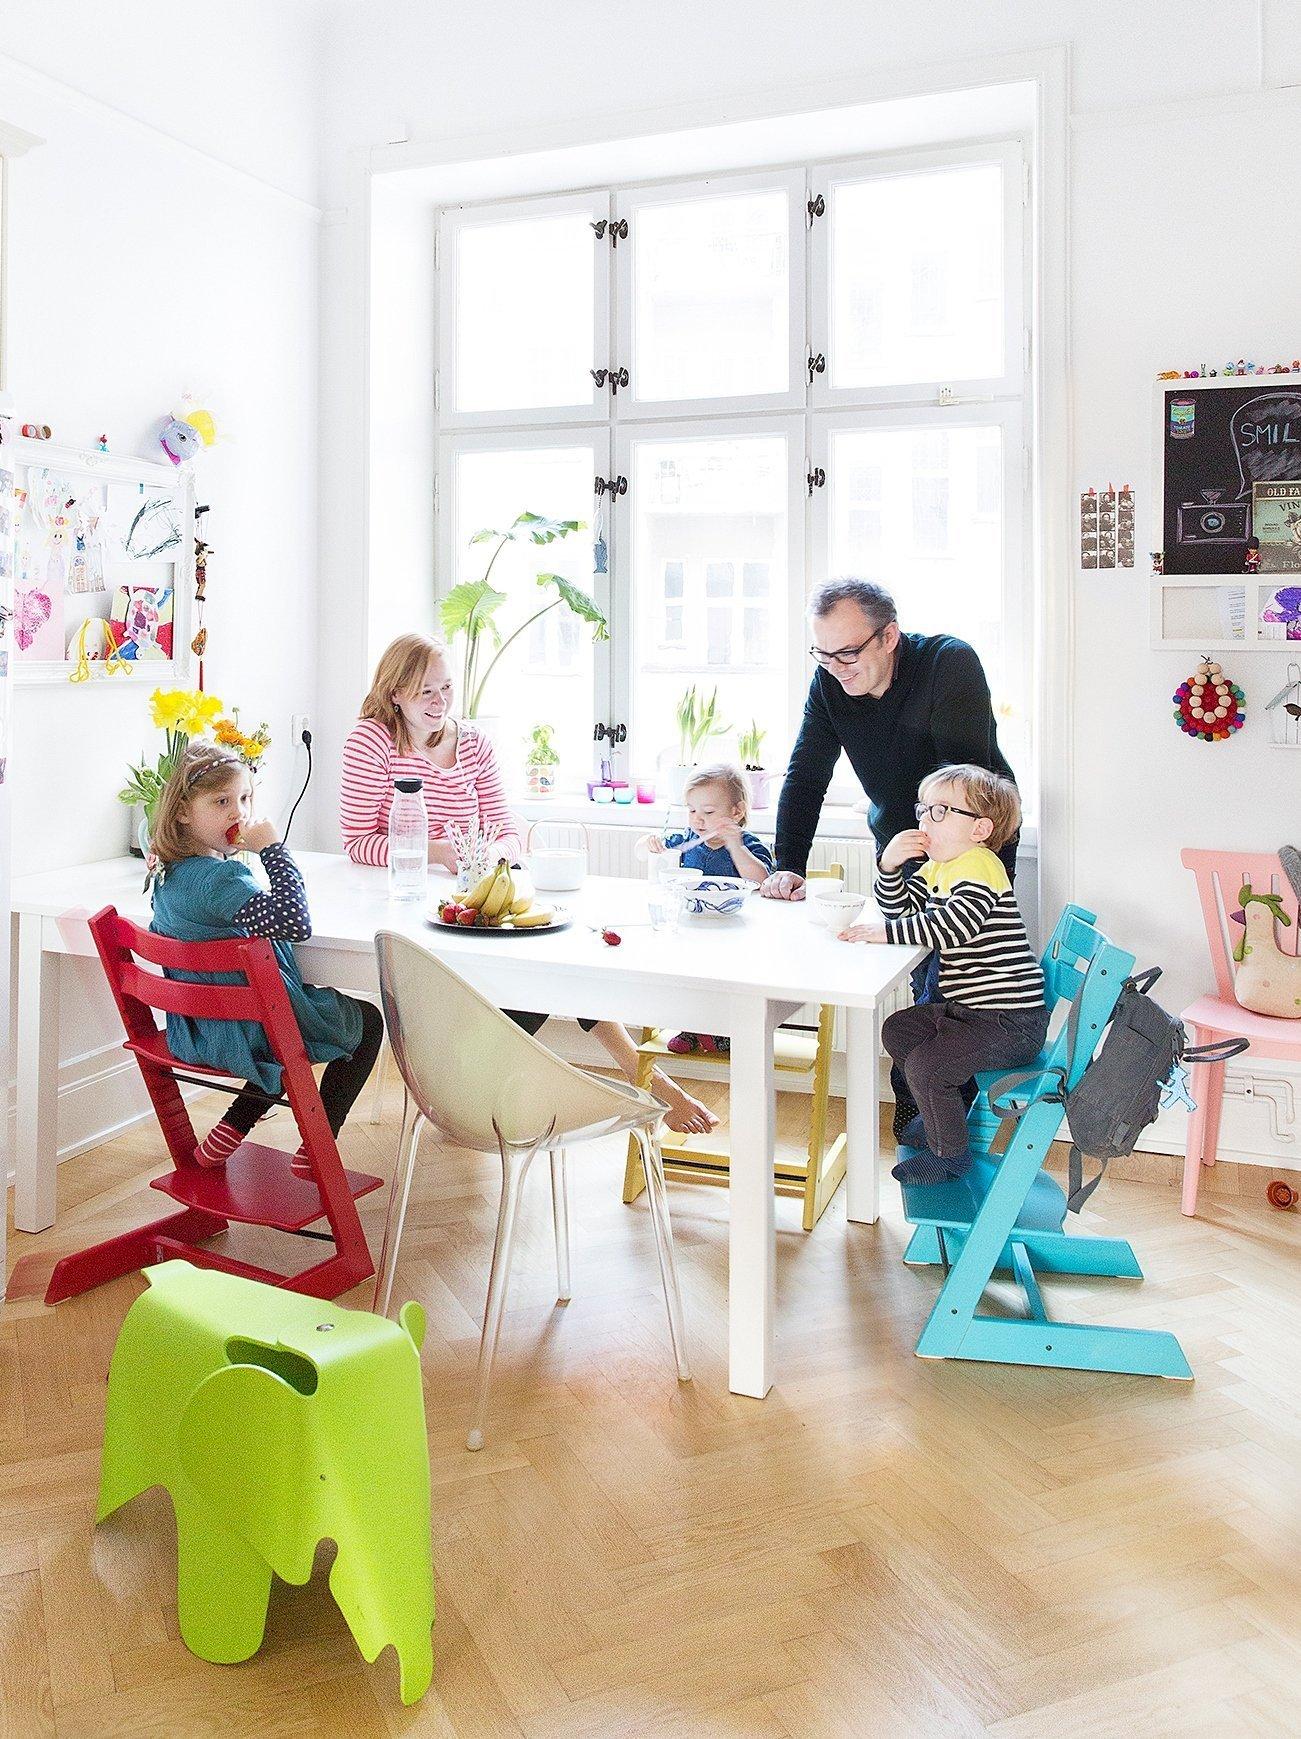 Rostoucí židle jsou pro všechny věkové kategorie. Navíc je skvělé, že můžou děti sedět u stolu s vámi.